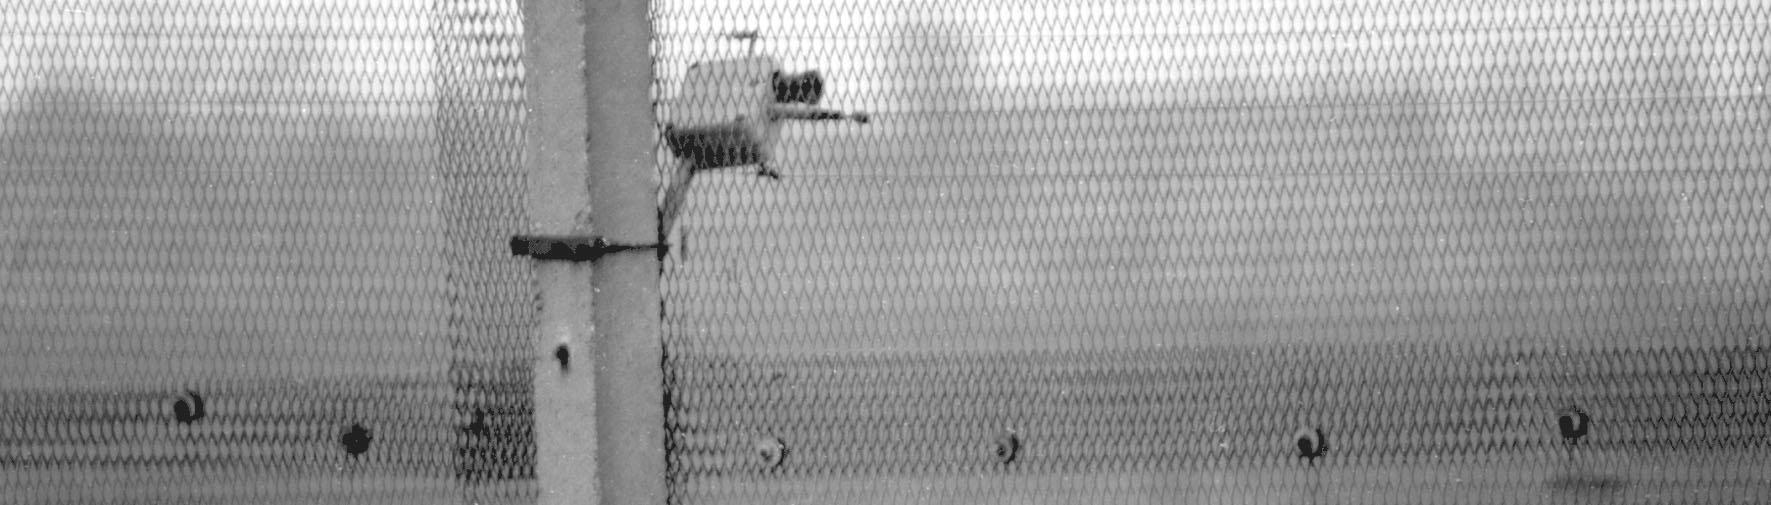 A bis Z-Innerdeutsche Grenze, Berliner Mauer, Grenzanlagen, Mauer Berlin,  Zonengrenze, DDR, BRD, Einheit, Teilung, BGS, Zoll, Grenzsoldaten, SED,  NVA, Grenzsperranlagen, Grenzverlauf, Todesstreifen, Grenzfotos, Wende,  Mauerfall, Grenzerinnerungen